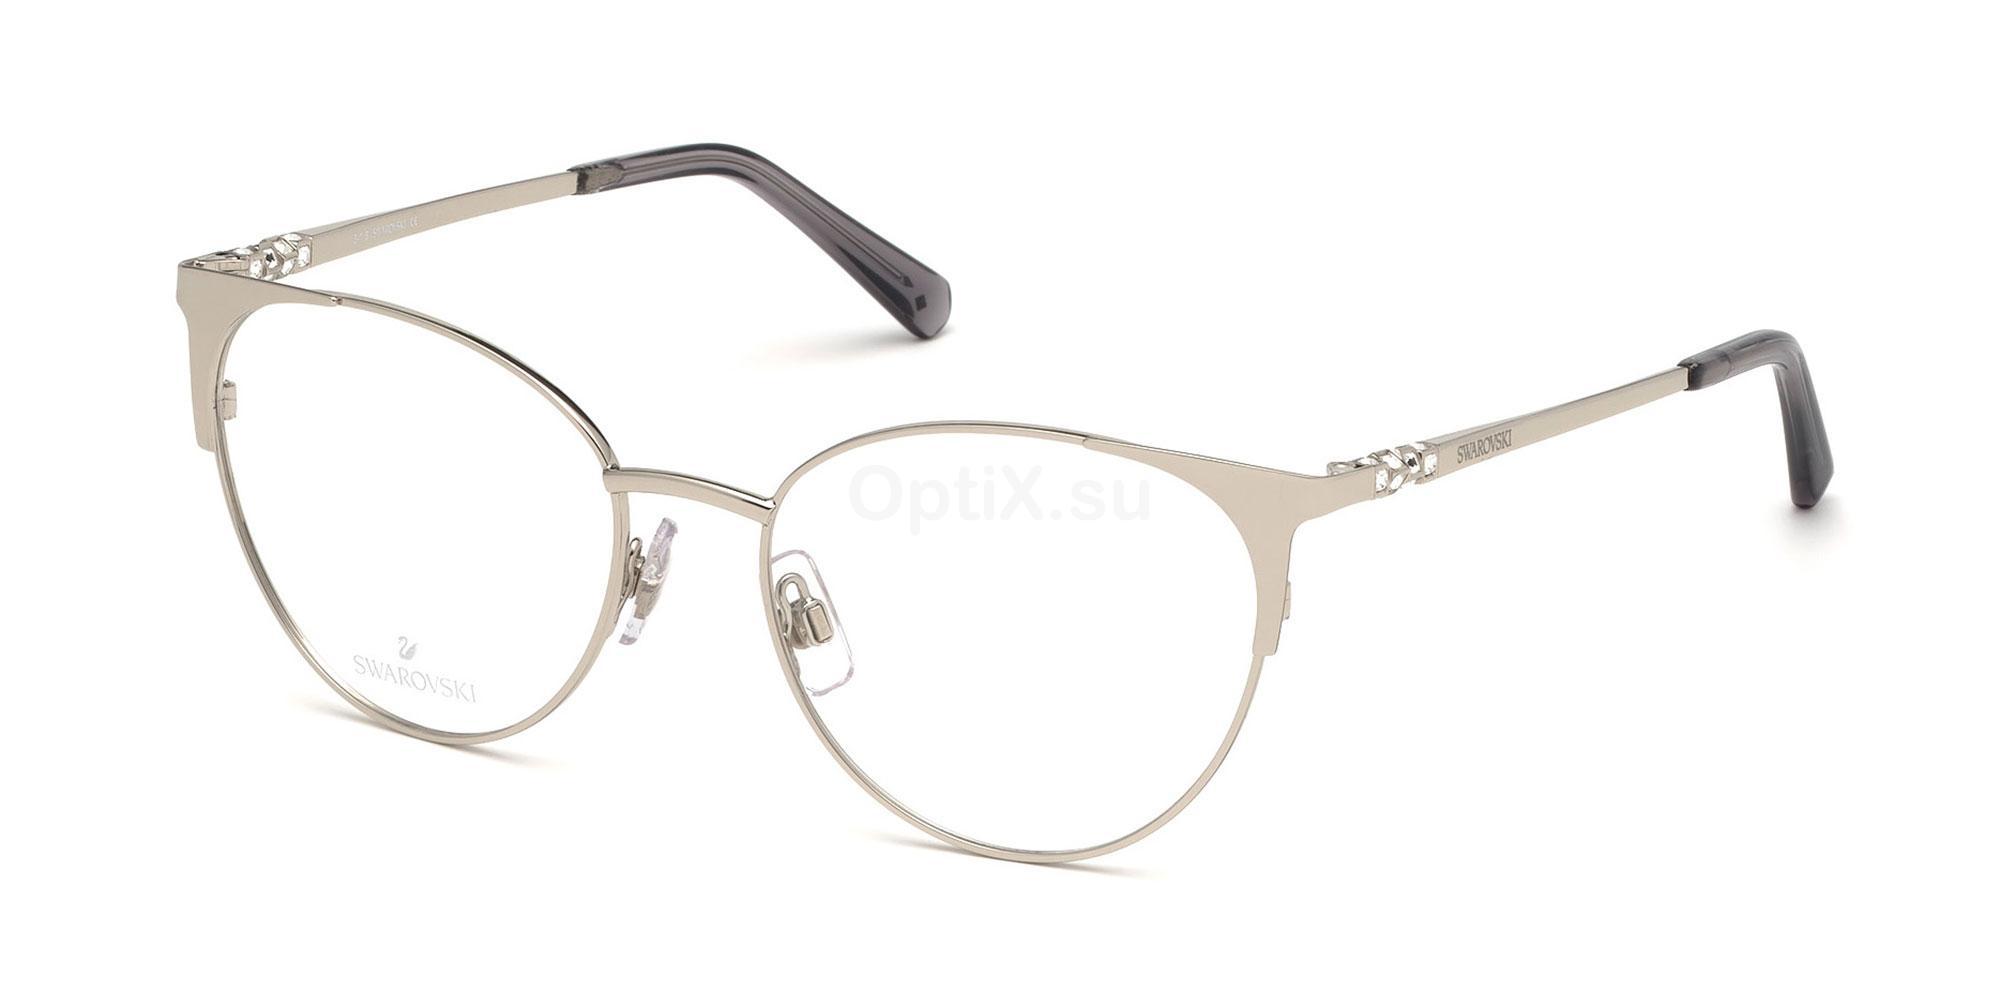 016 SK5286 Glasses, Swarovski